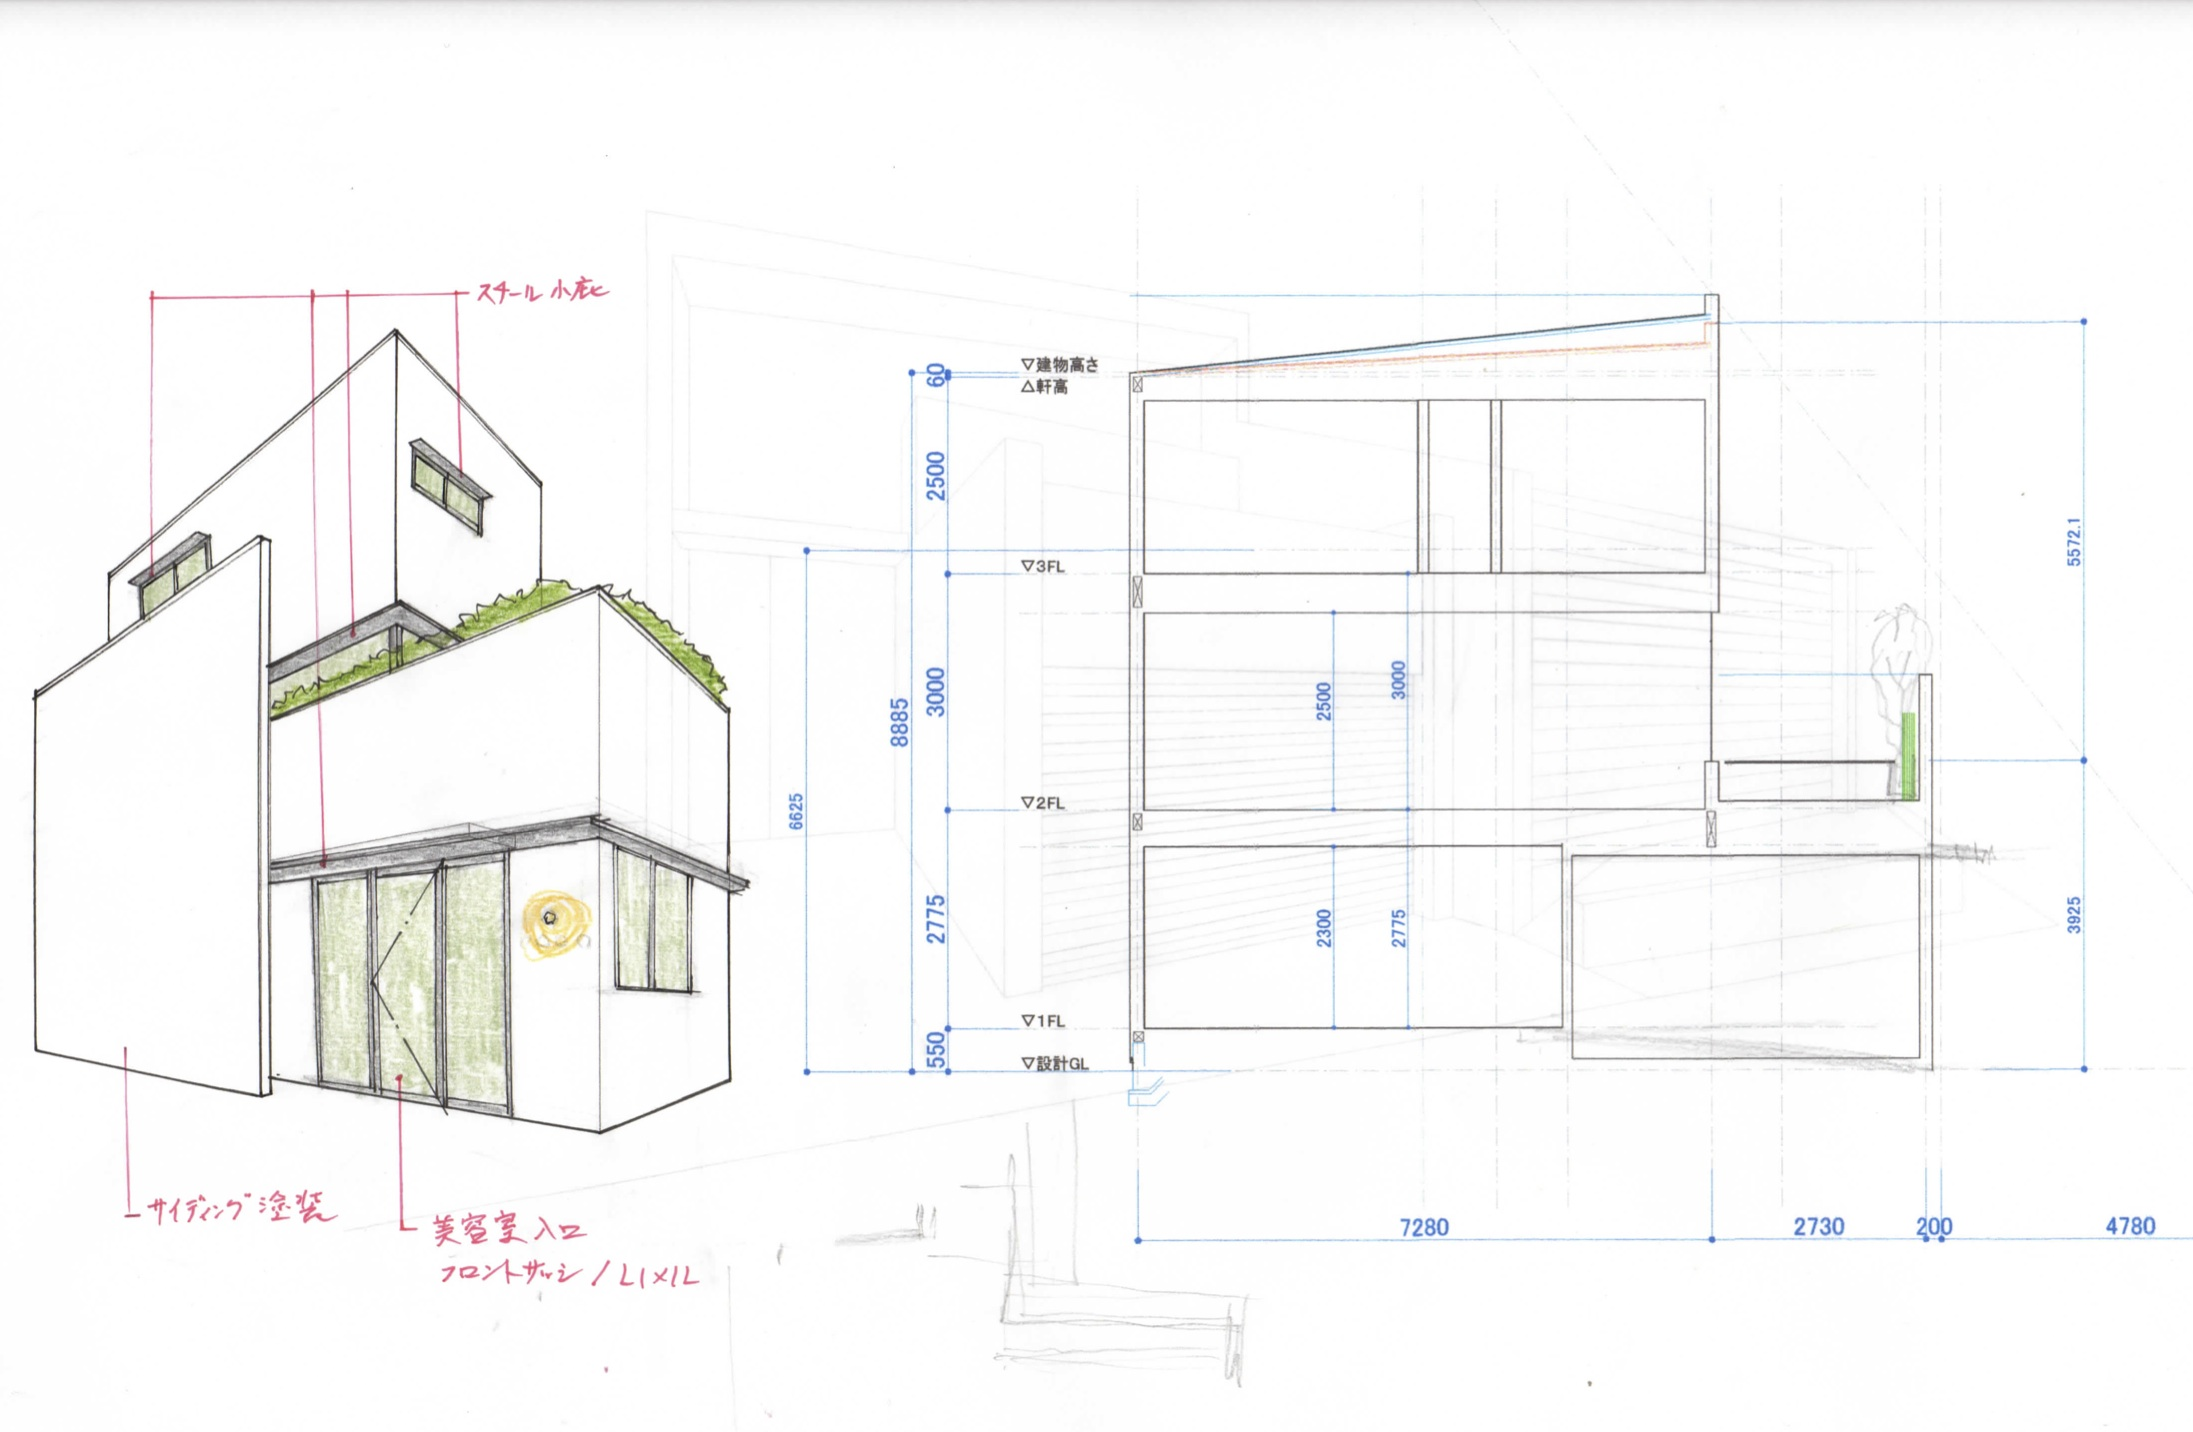 高級注文住宅,建築家,設計事務所,大阪,住宅設計,店舗設計,へアサロン併用住宅